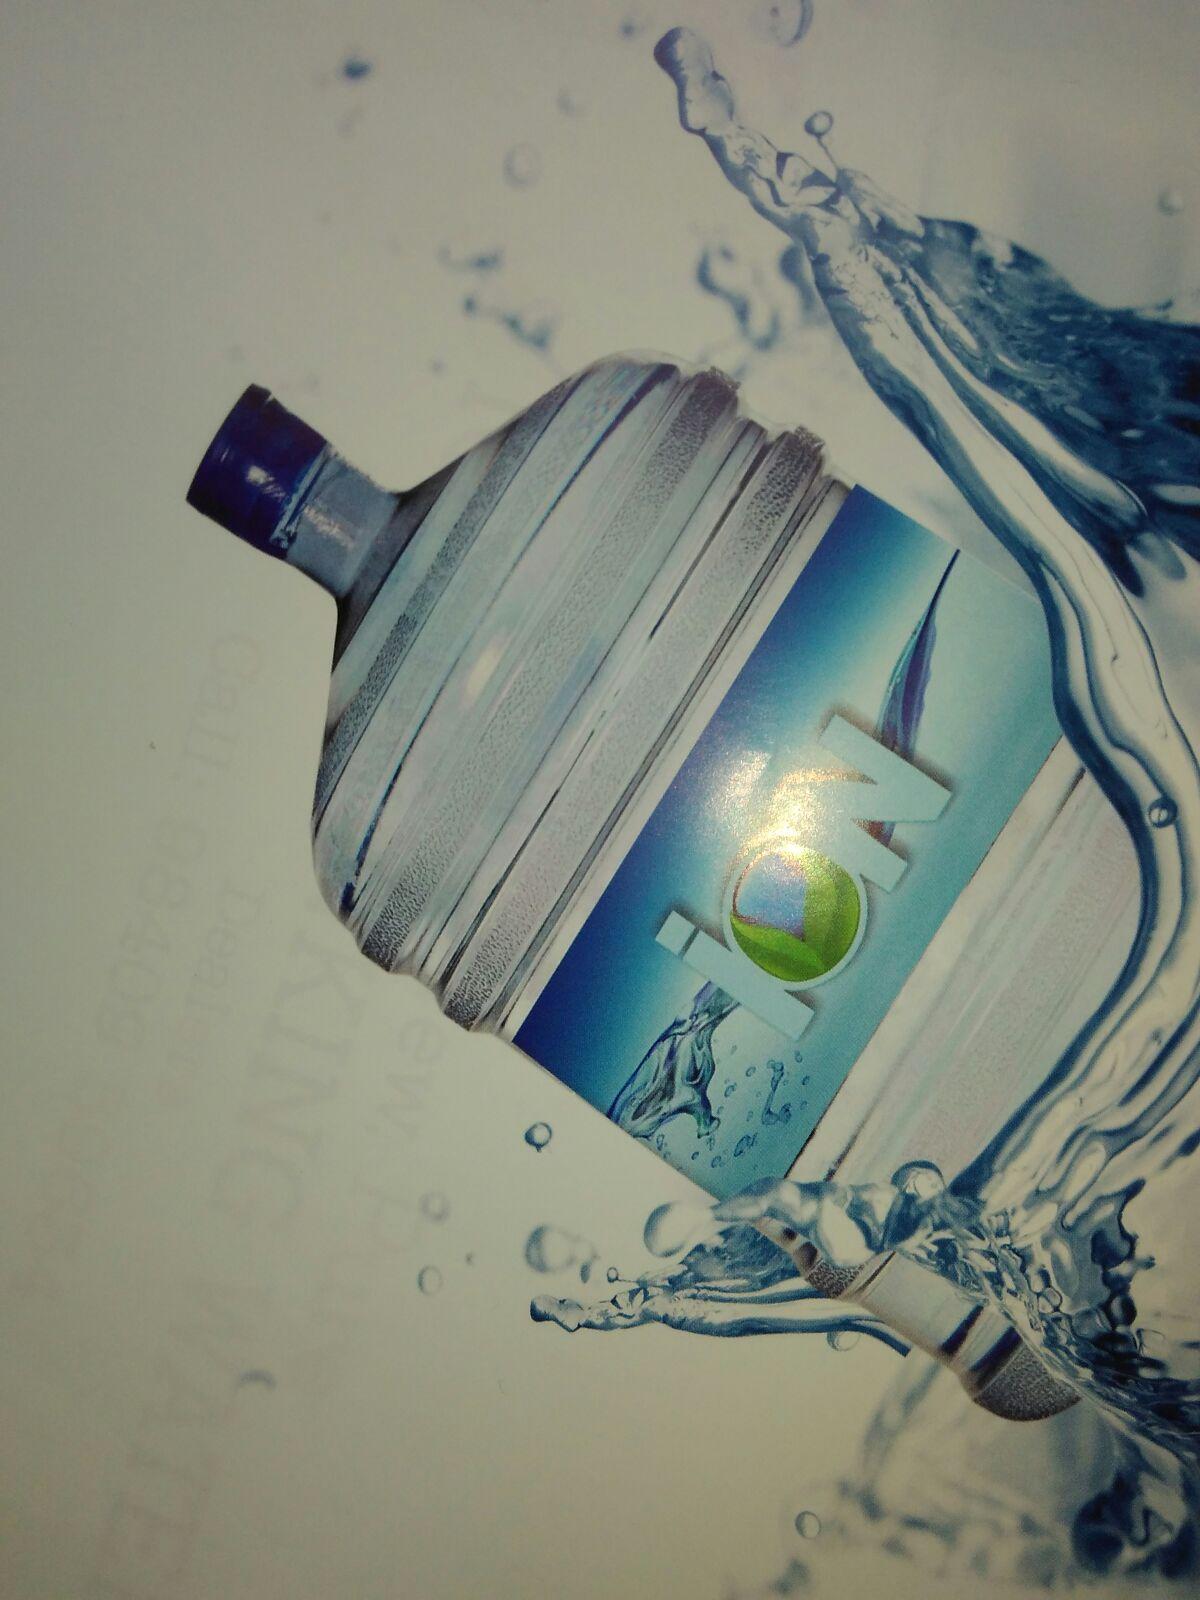 Annai Water Services